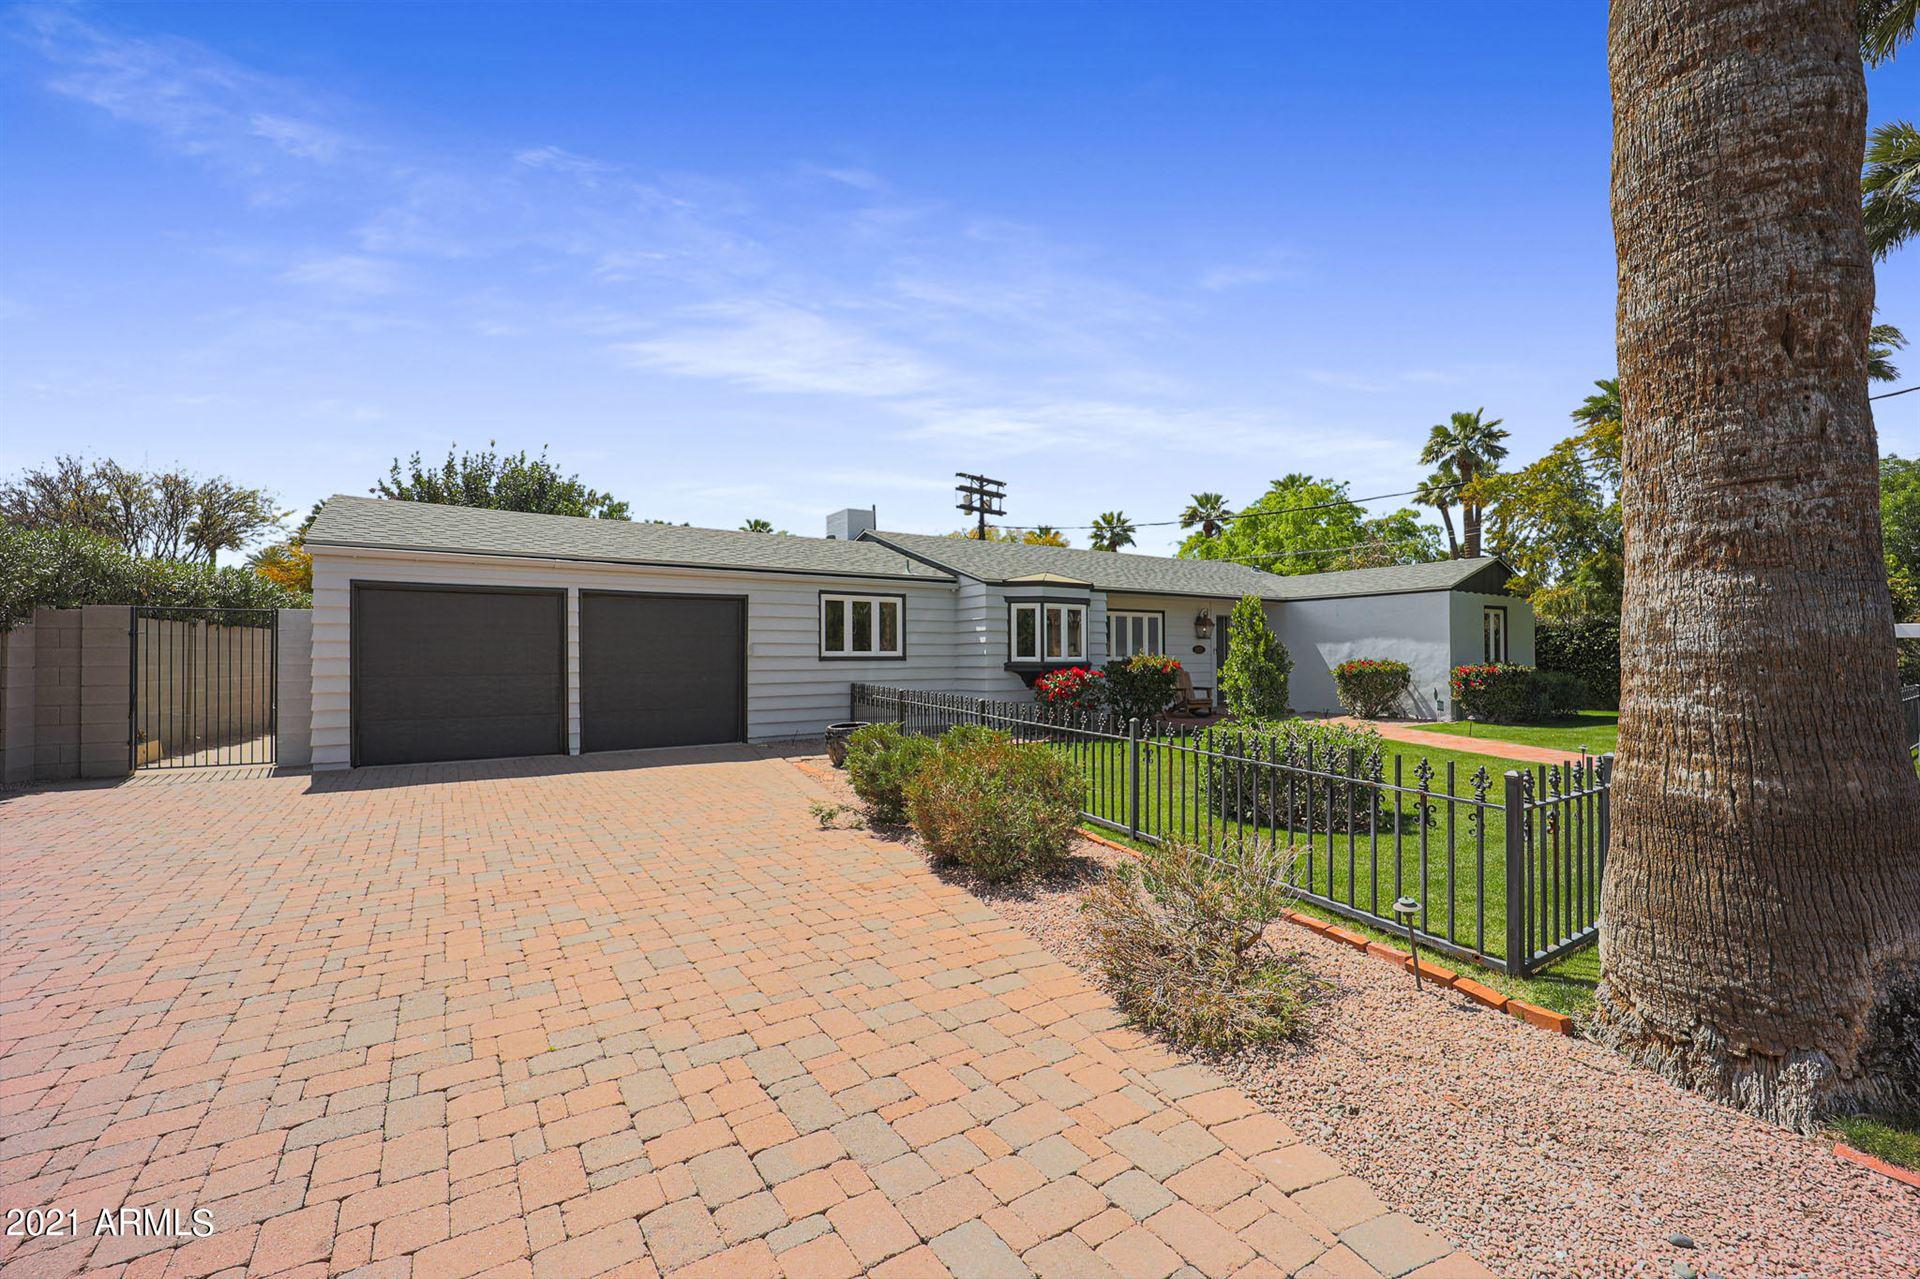 1821 PALMCROFT Way NW, Phoenix, AZ 85007 - MLS#: 6195344